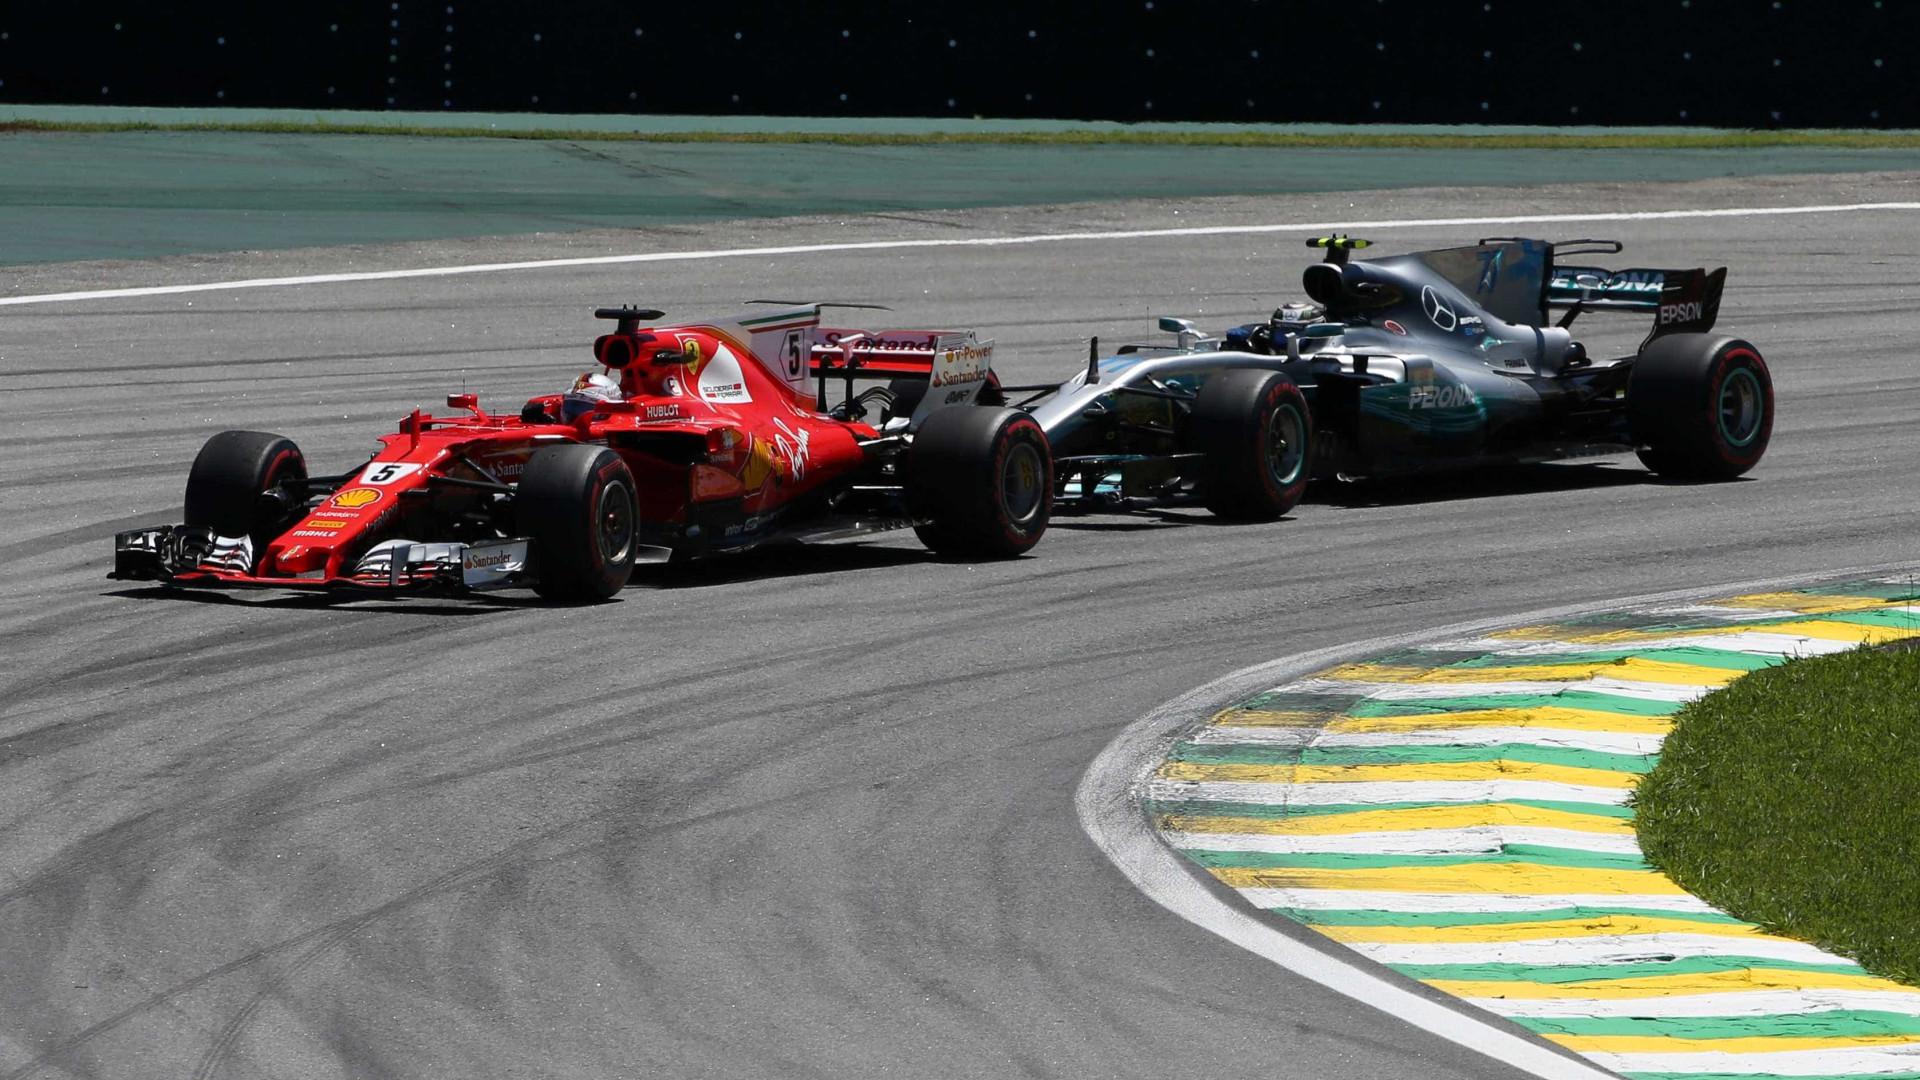 Ferrari muda projeto para enfrentar Mercedes de igual para igual